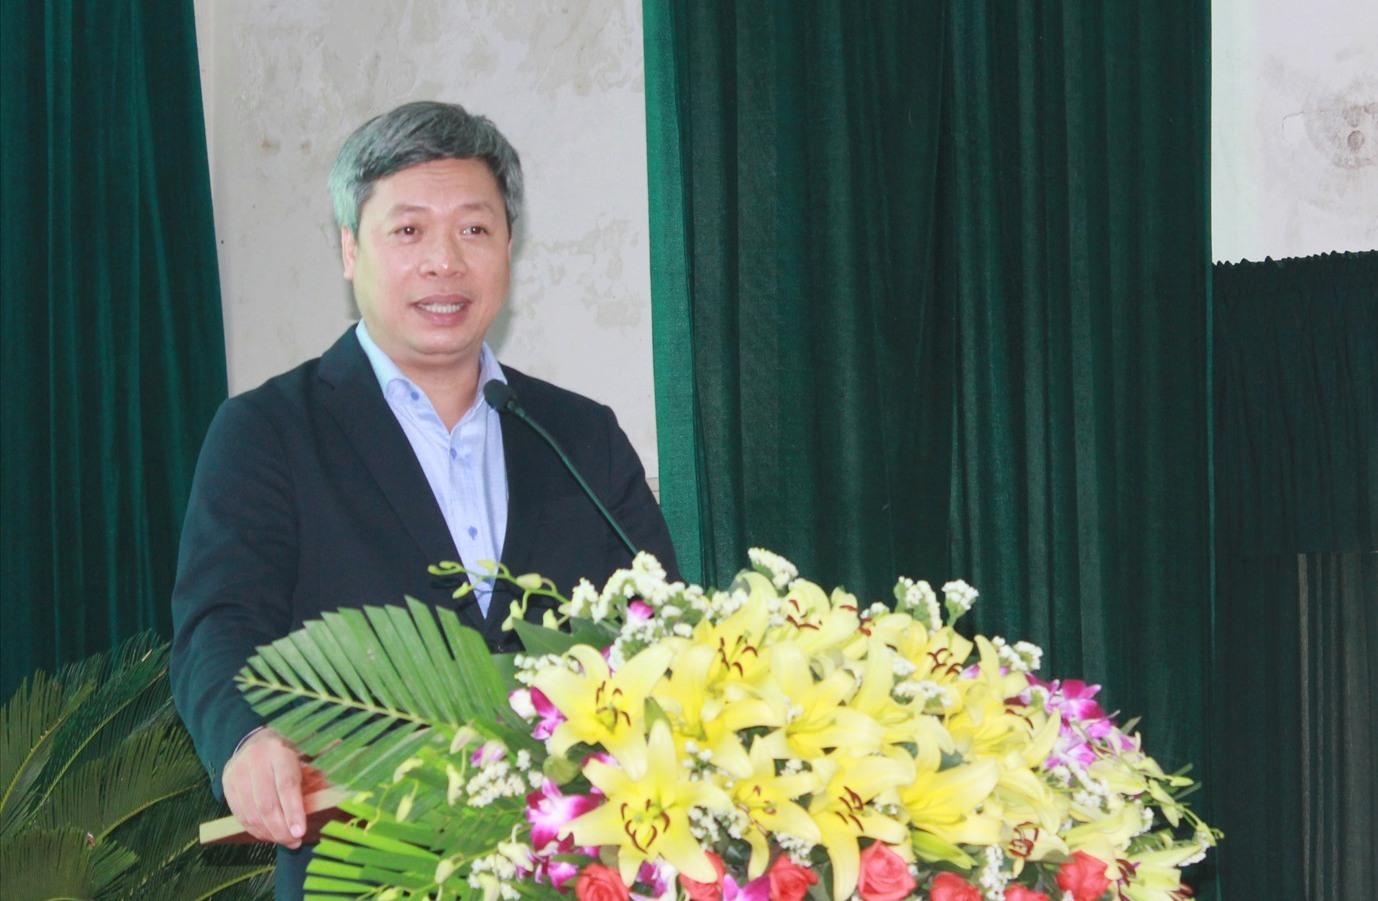 Phó Chủ tịch UBND tỉnh Hồ Quang Bửu phát biểu tại diễn đàn. Ảnh: C.V